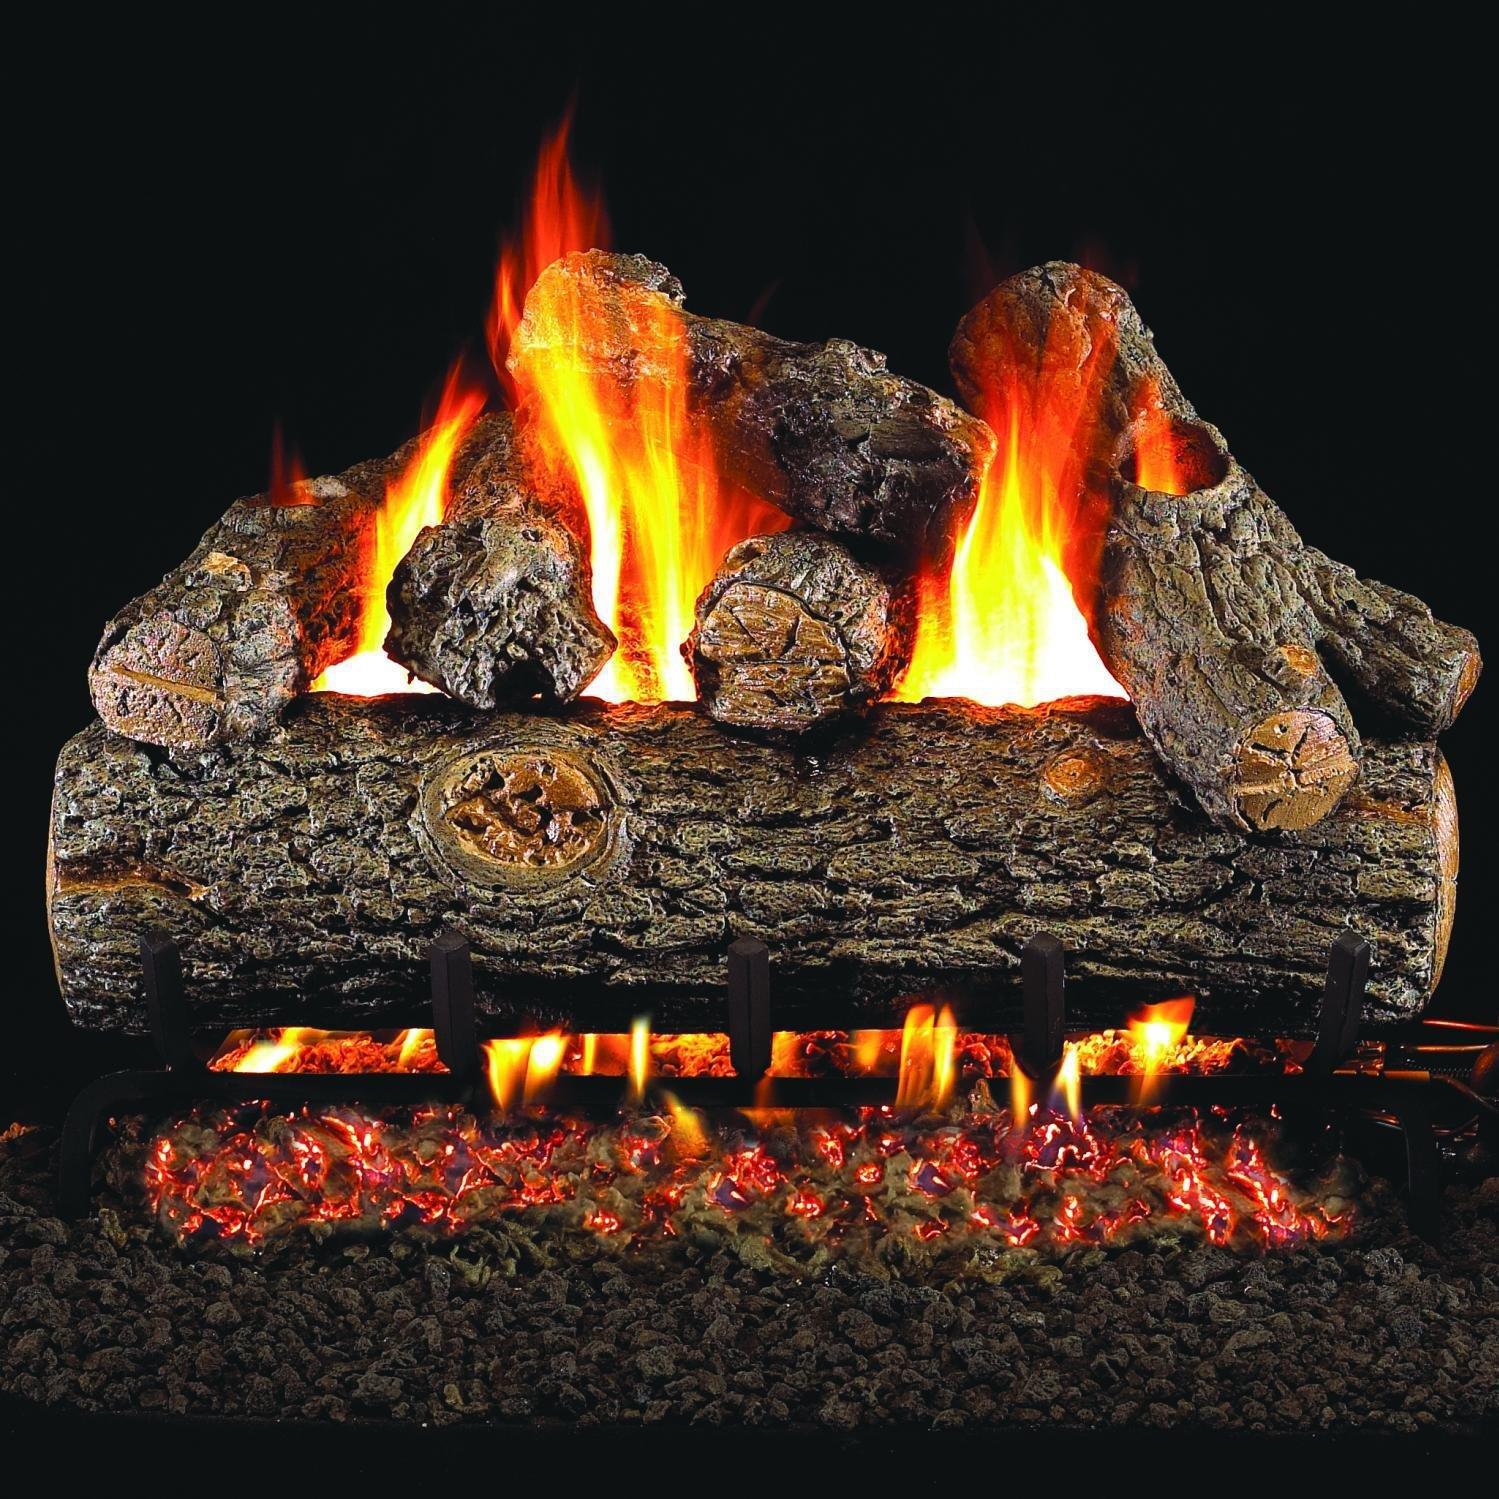 Peterson Real Fyre 20-inch Golden Oak Designer Plus Gas Log Set With Vented Natural Gas G4 Burner - Match Light